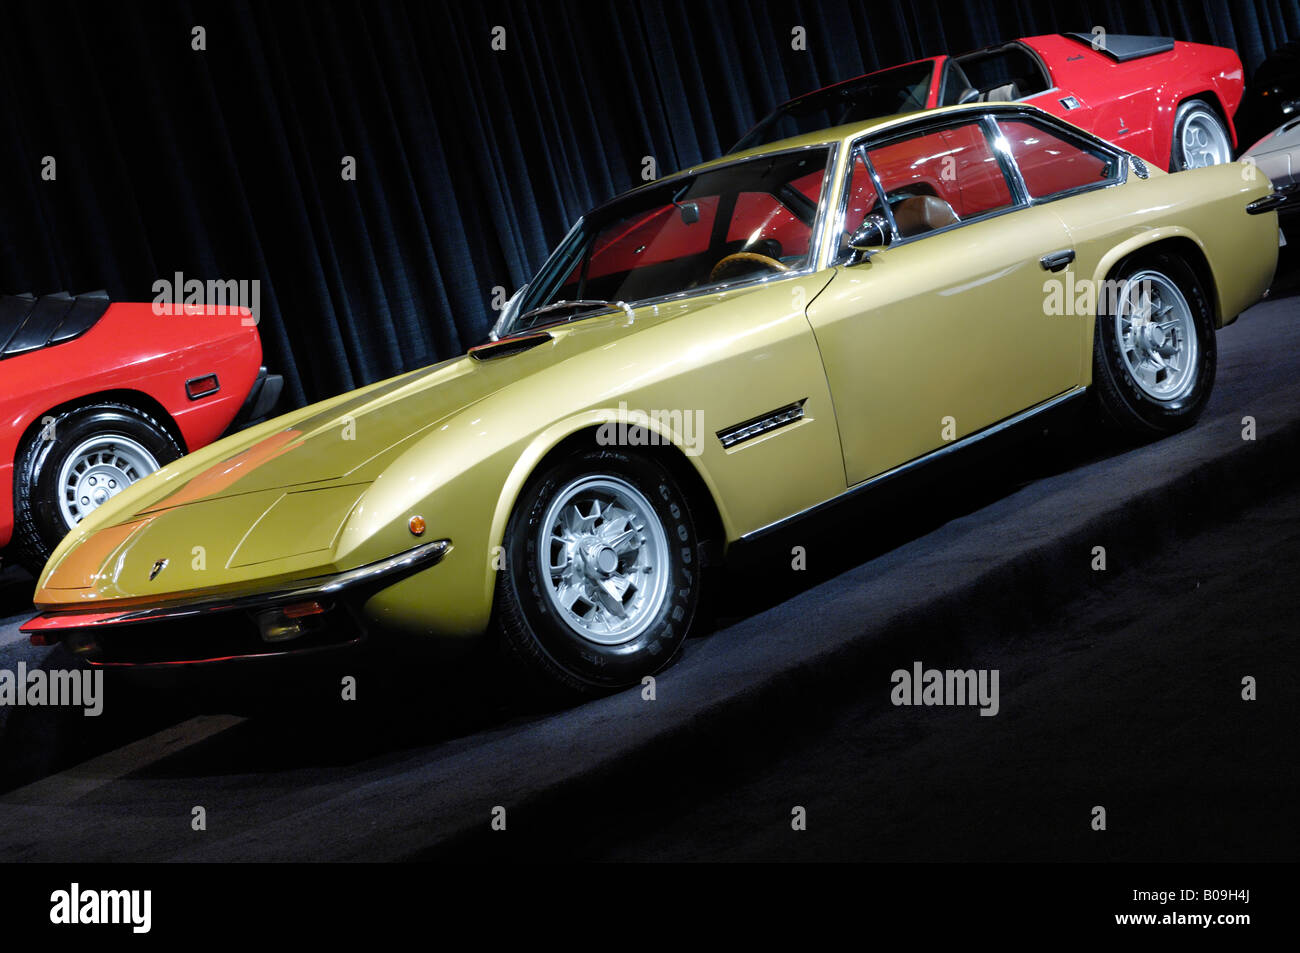 Lamborghini Islero 1972 Voiture de sport rétro Photo Stock